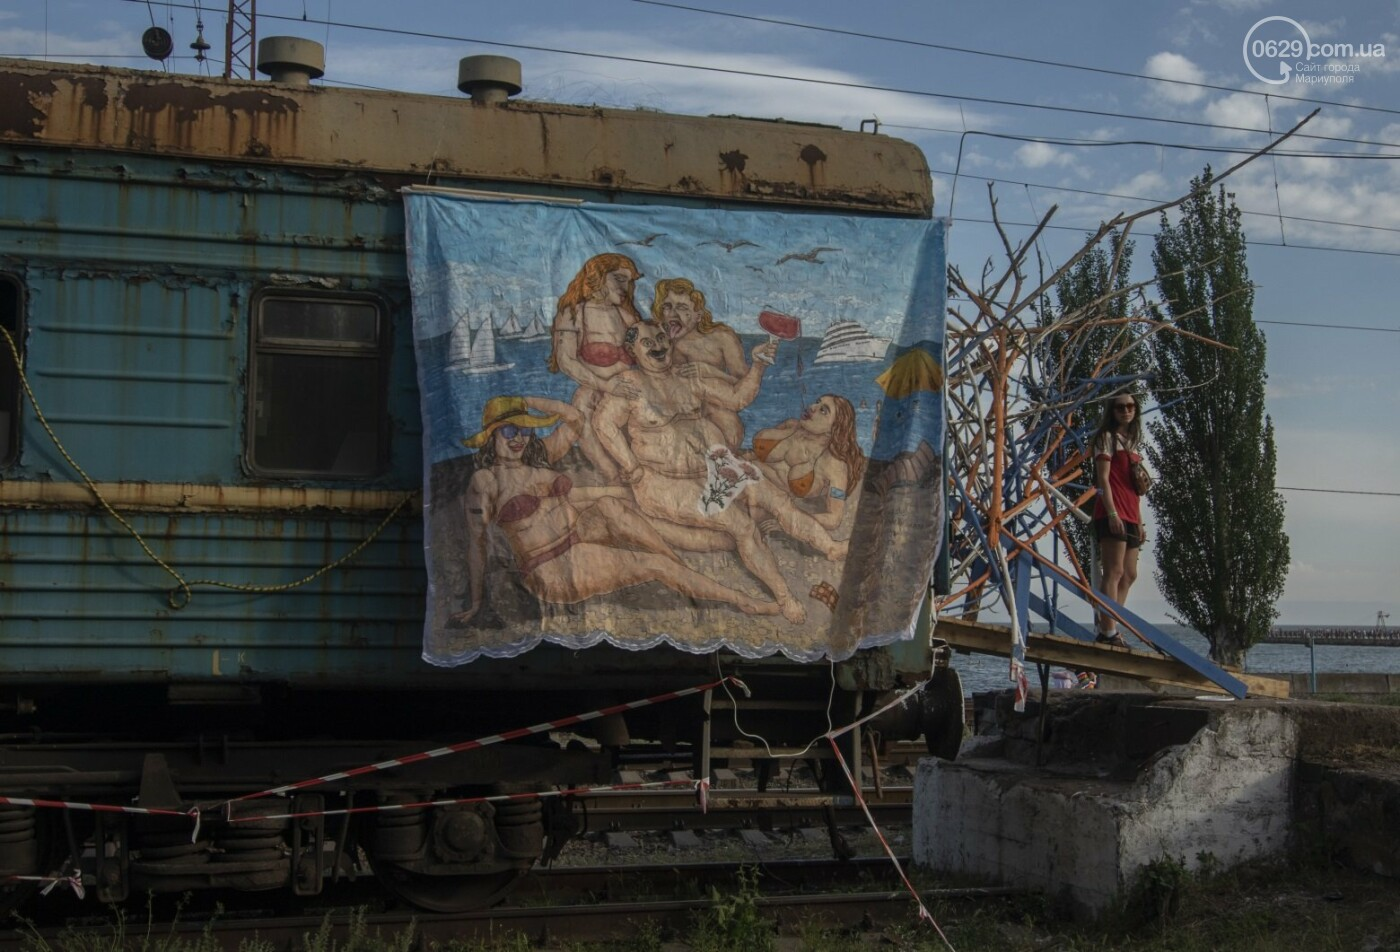 Во что превратили художники старый железнодорожный состав в Мариуполе. 33 фотографии! , фото-6